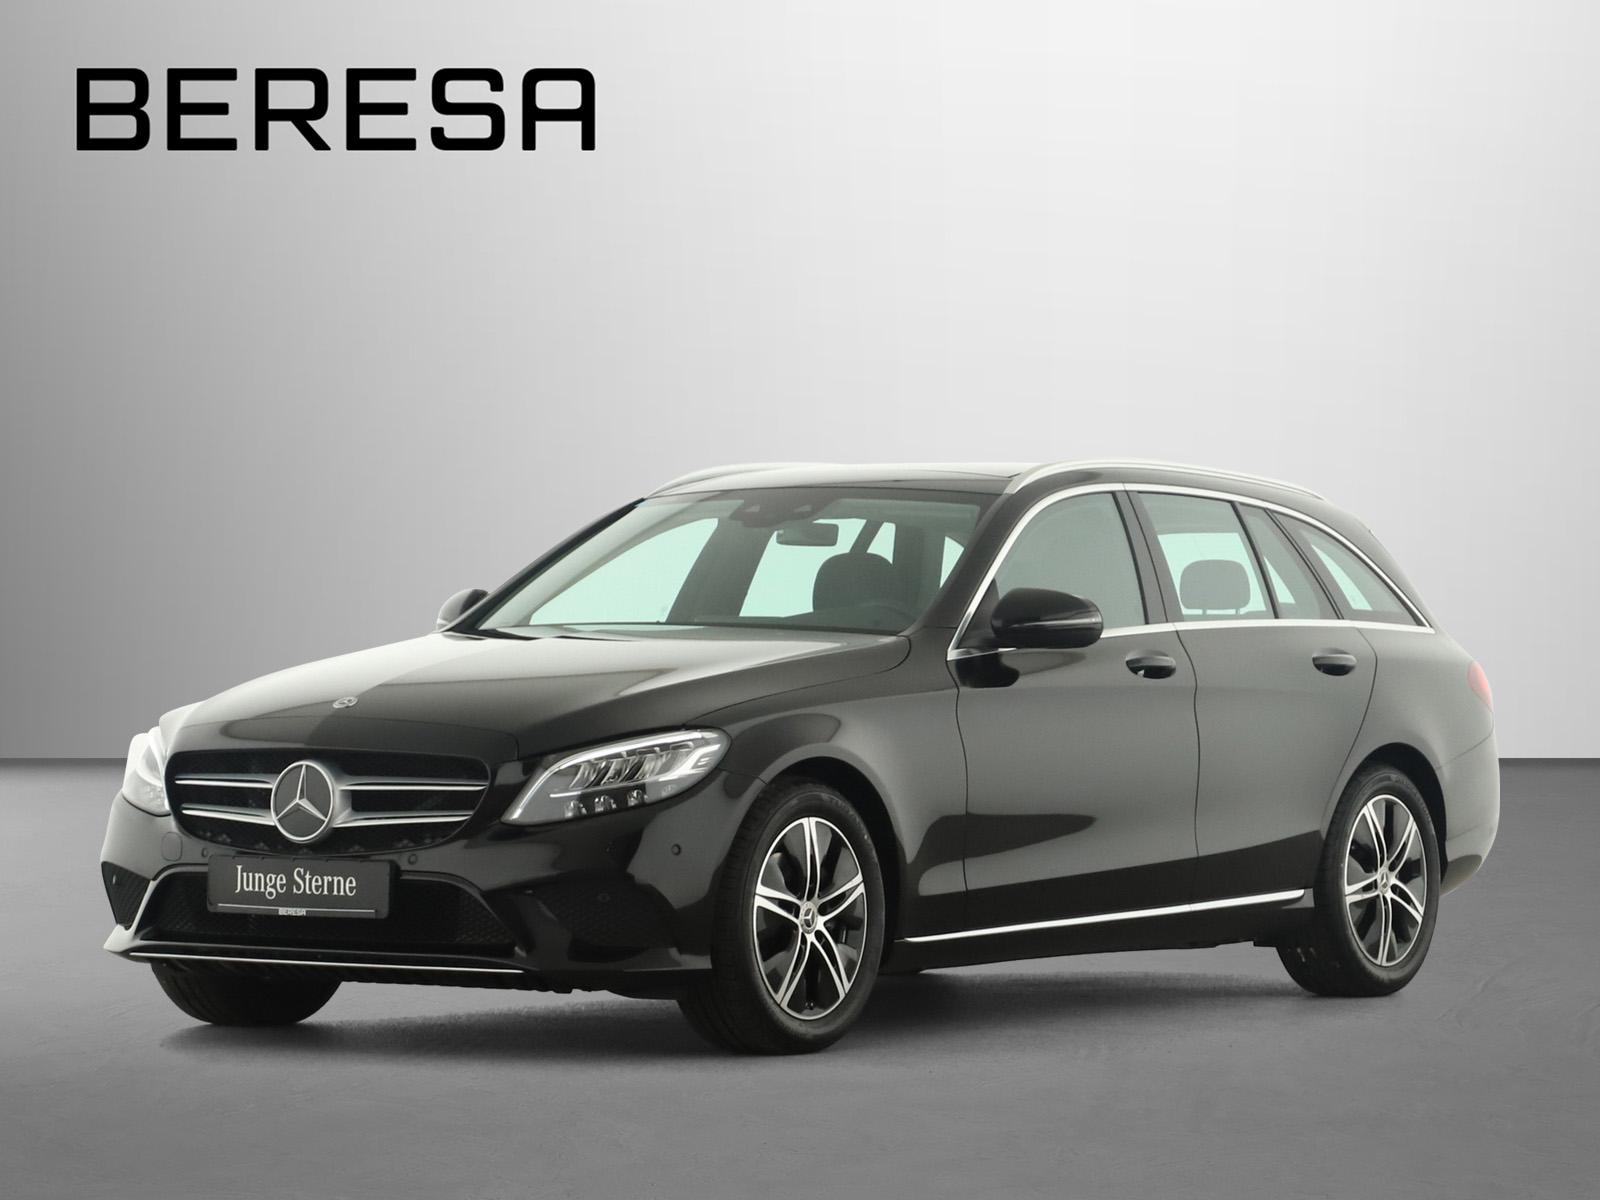 Mercedes-Benz C 220 d T Avantgarde Pano. AHK Kamera Spur-Paket, Jahr 2020, Diesel